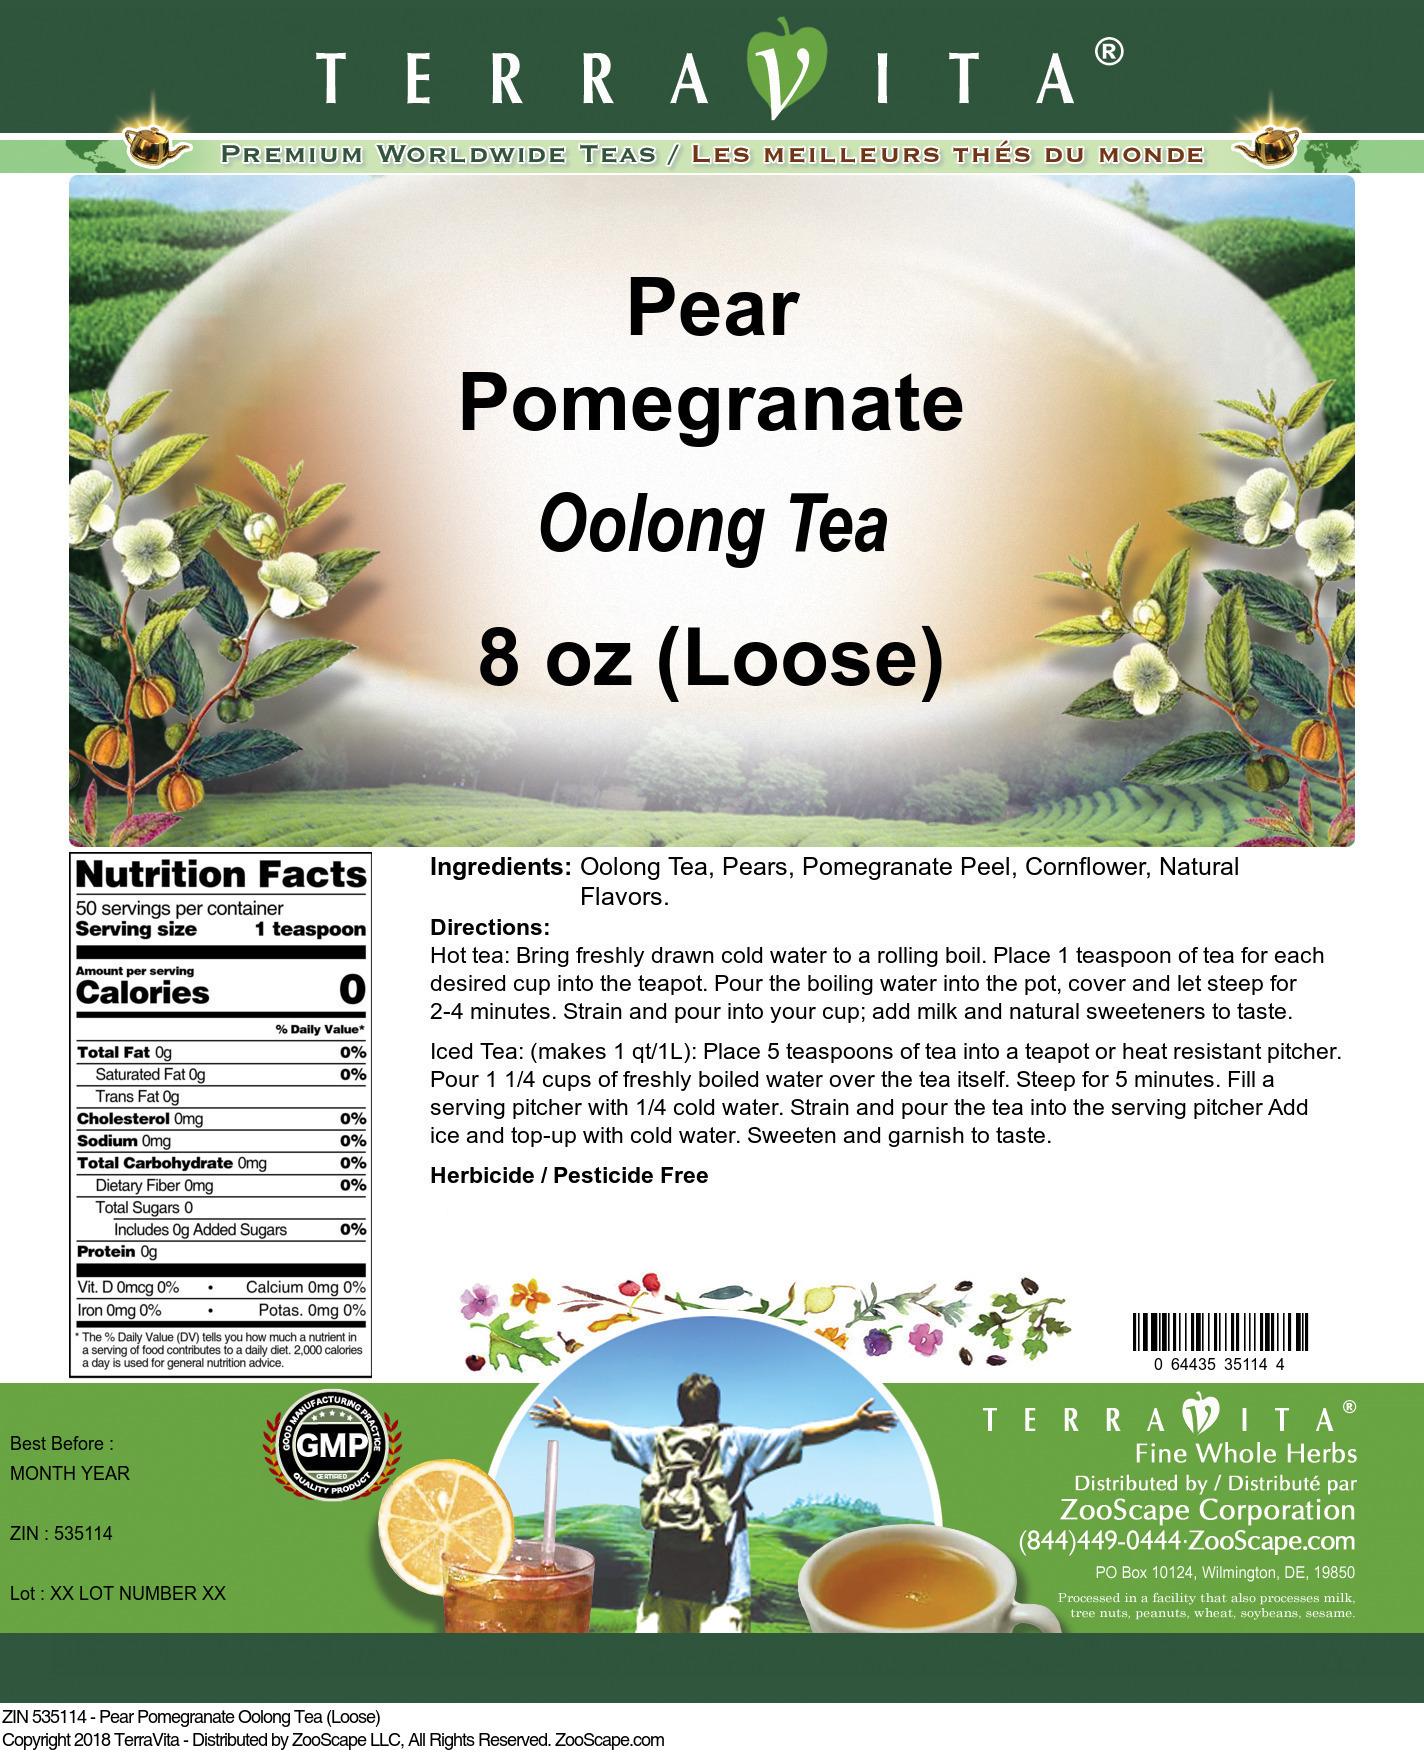 Pear Pomegranate Oolong Tea